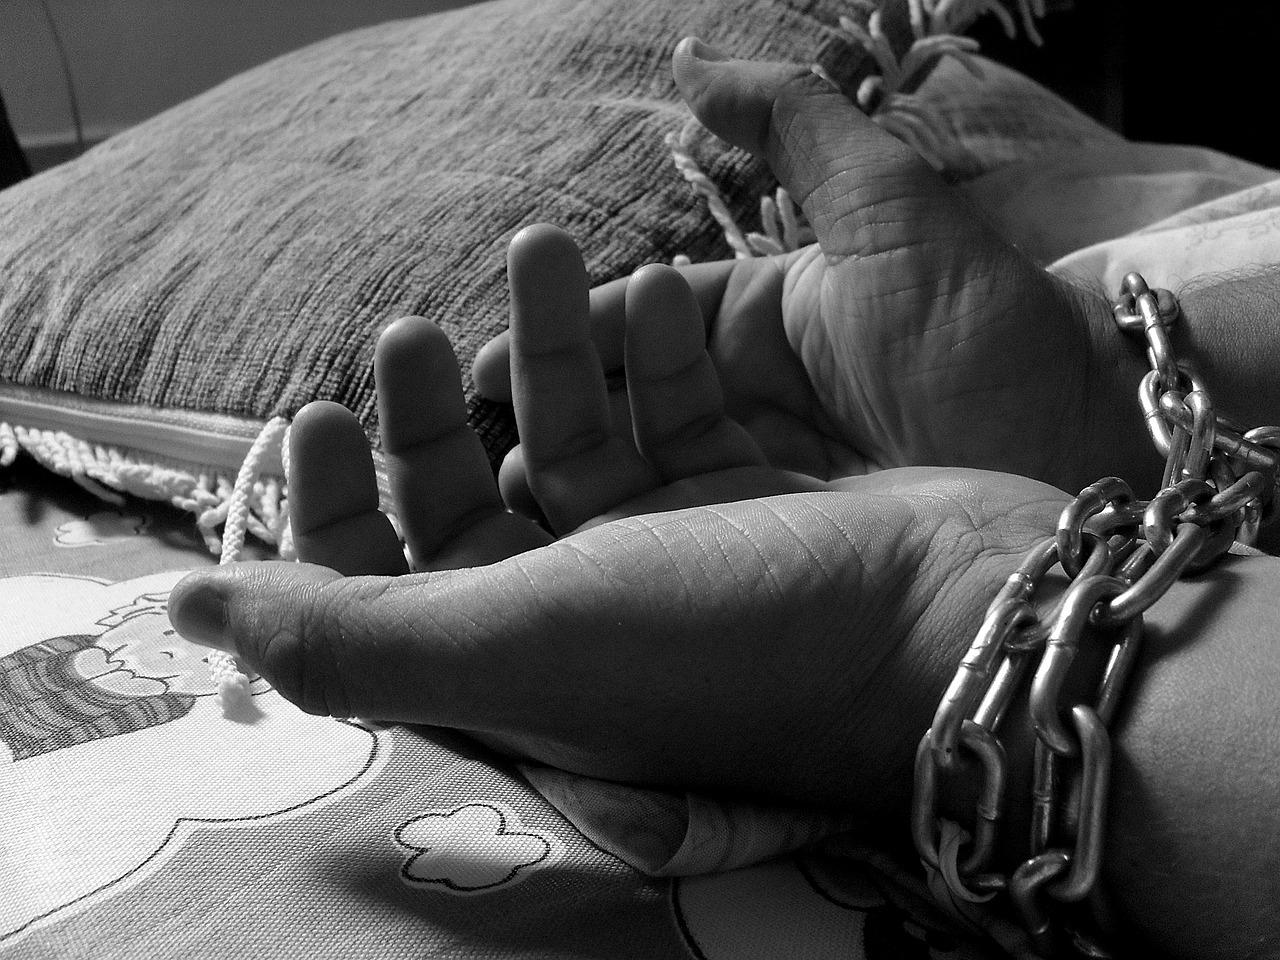 18 października - Europejski Dzień przeciwko Handlowi Ludźmi i Niewolnictwu